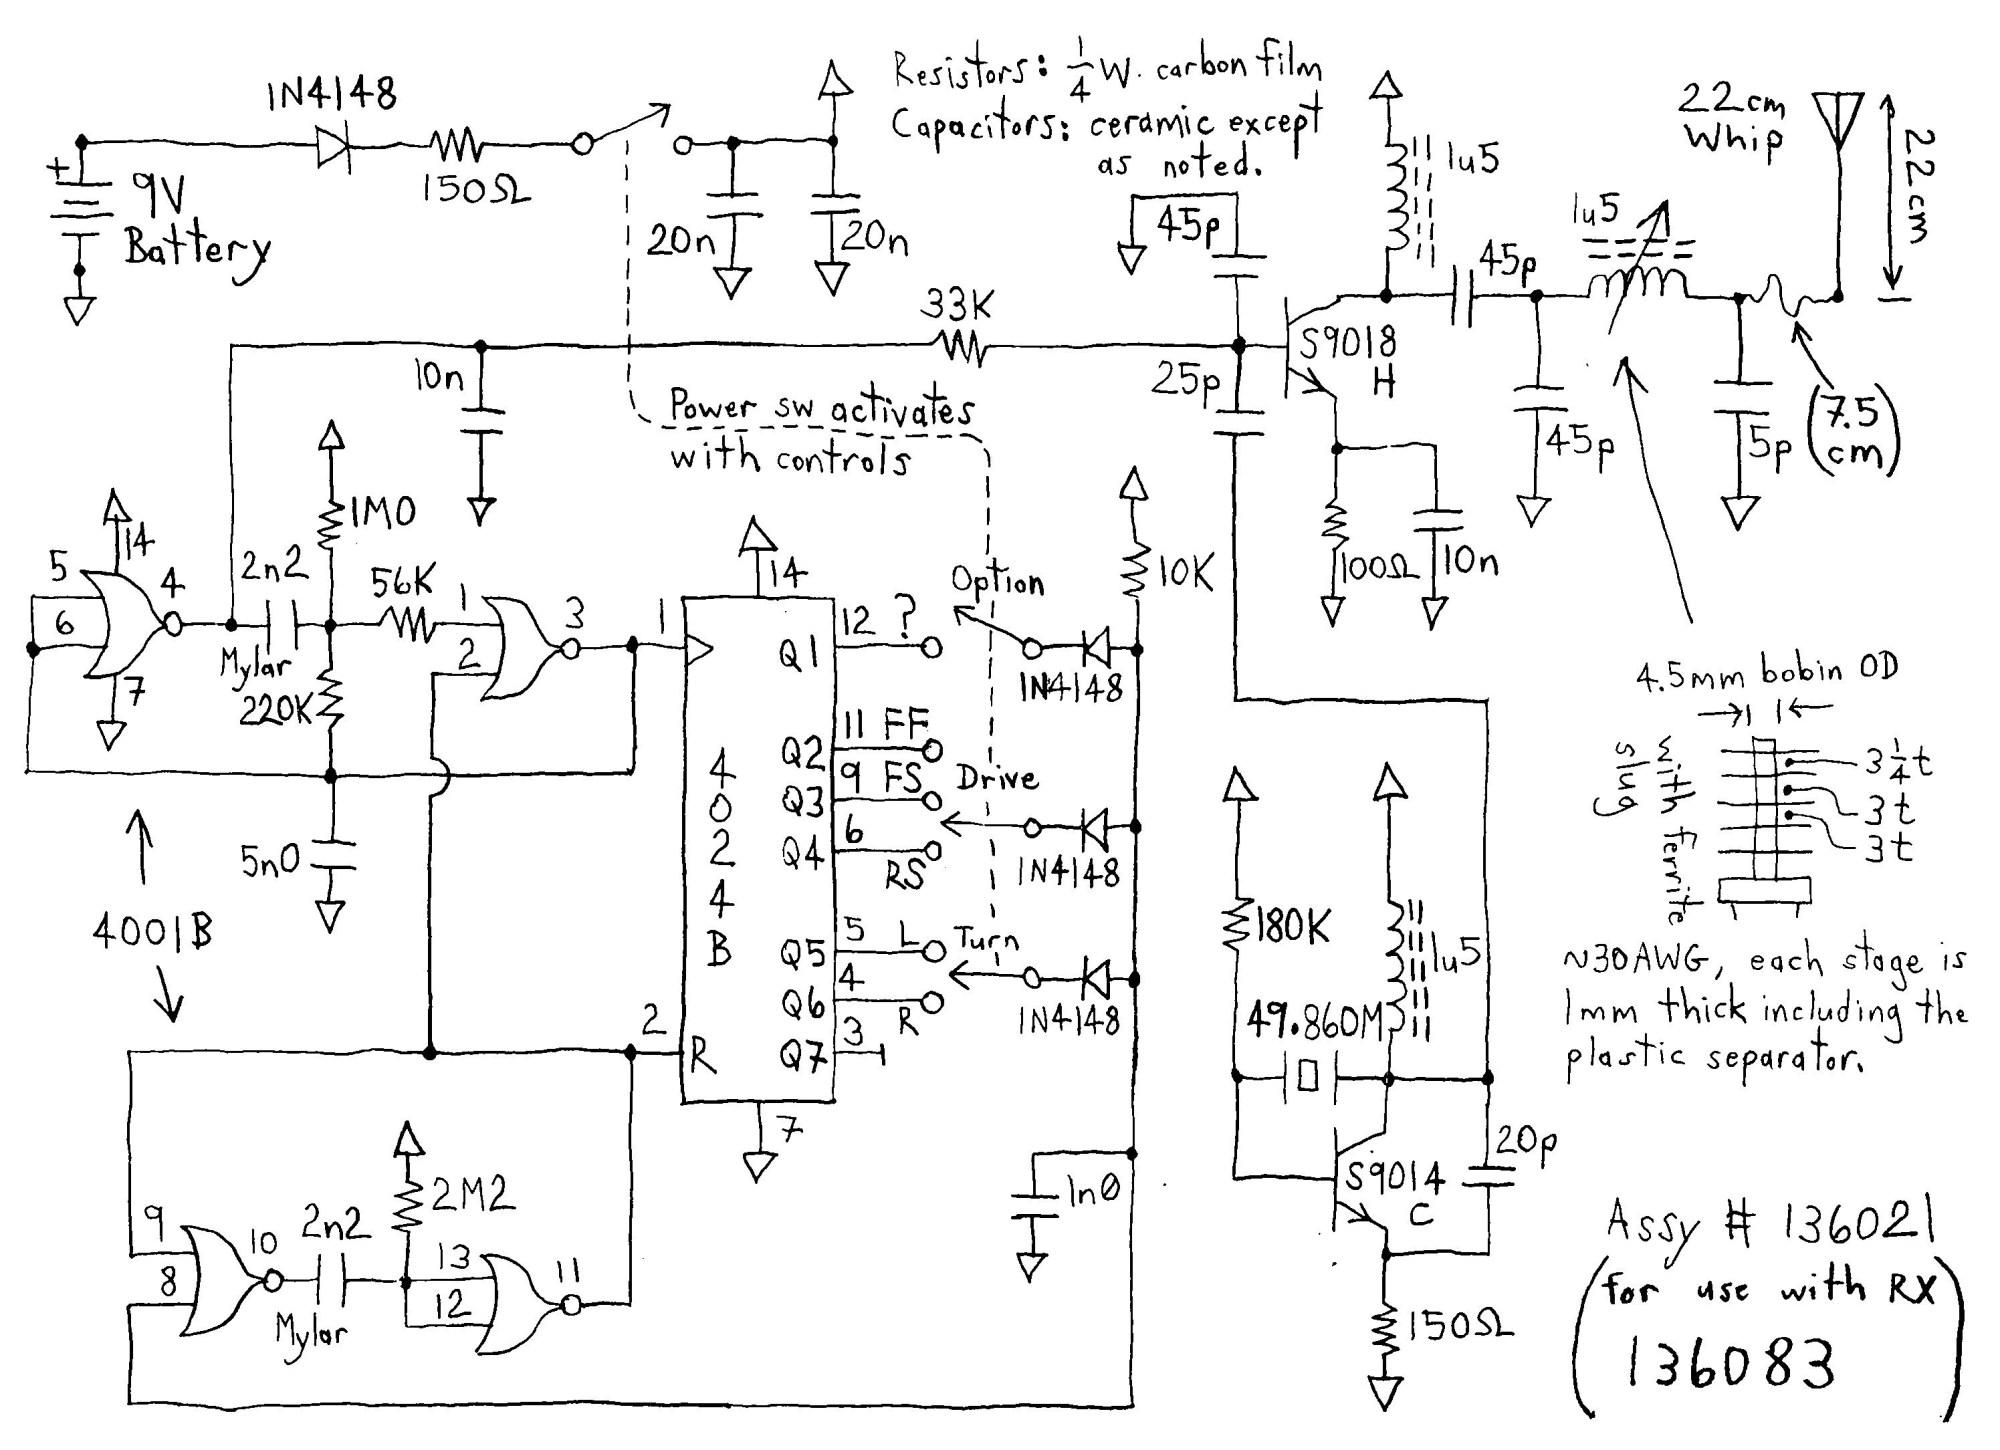 hight resolution of 1997 lexus wiring diagram expert schematics diagram rh atcobennettrecoveries 1997 lexus lx450 radio wiring diagram 1997 lexus es300 radio wiring diagram